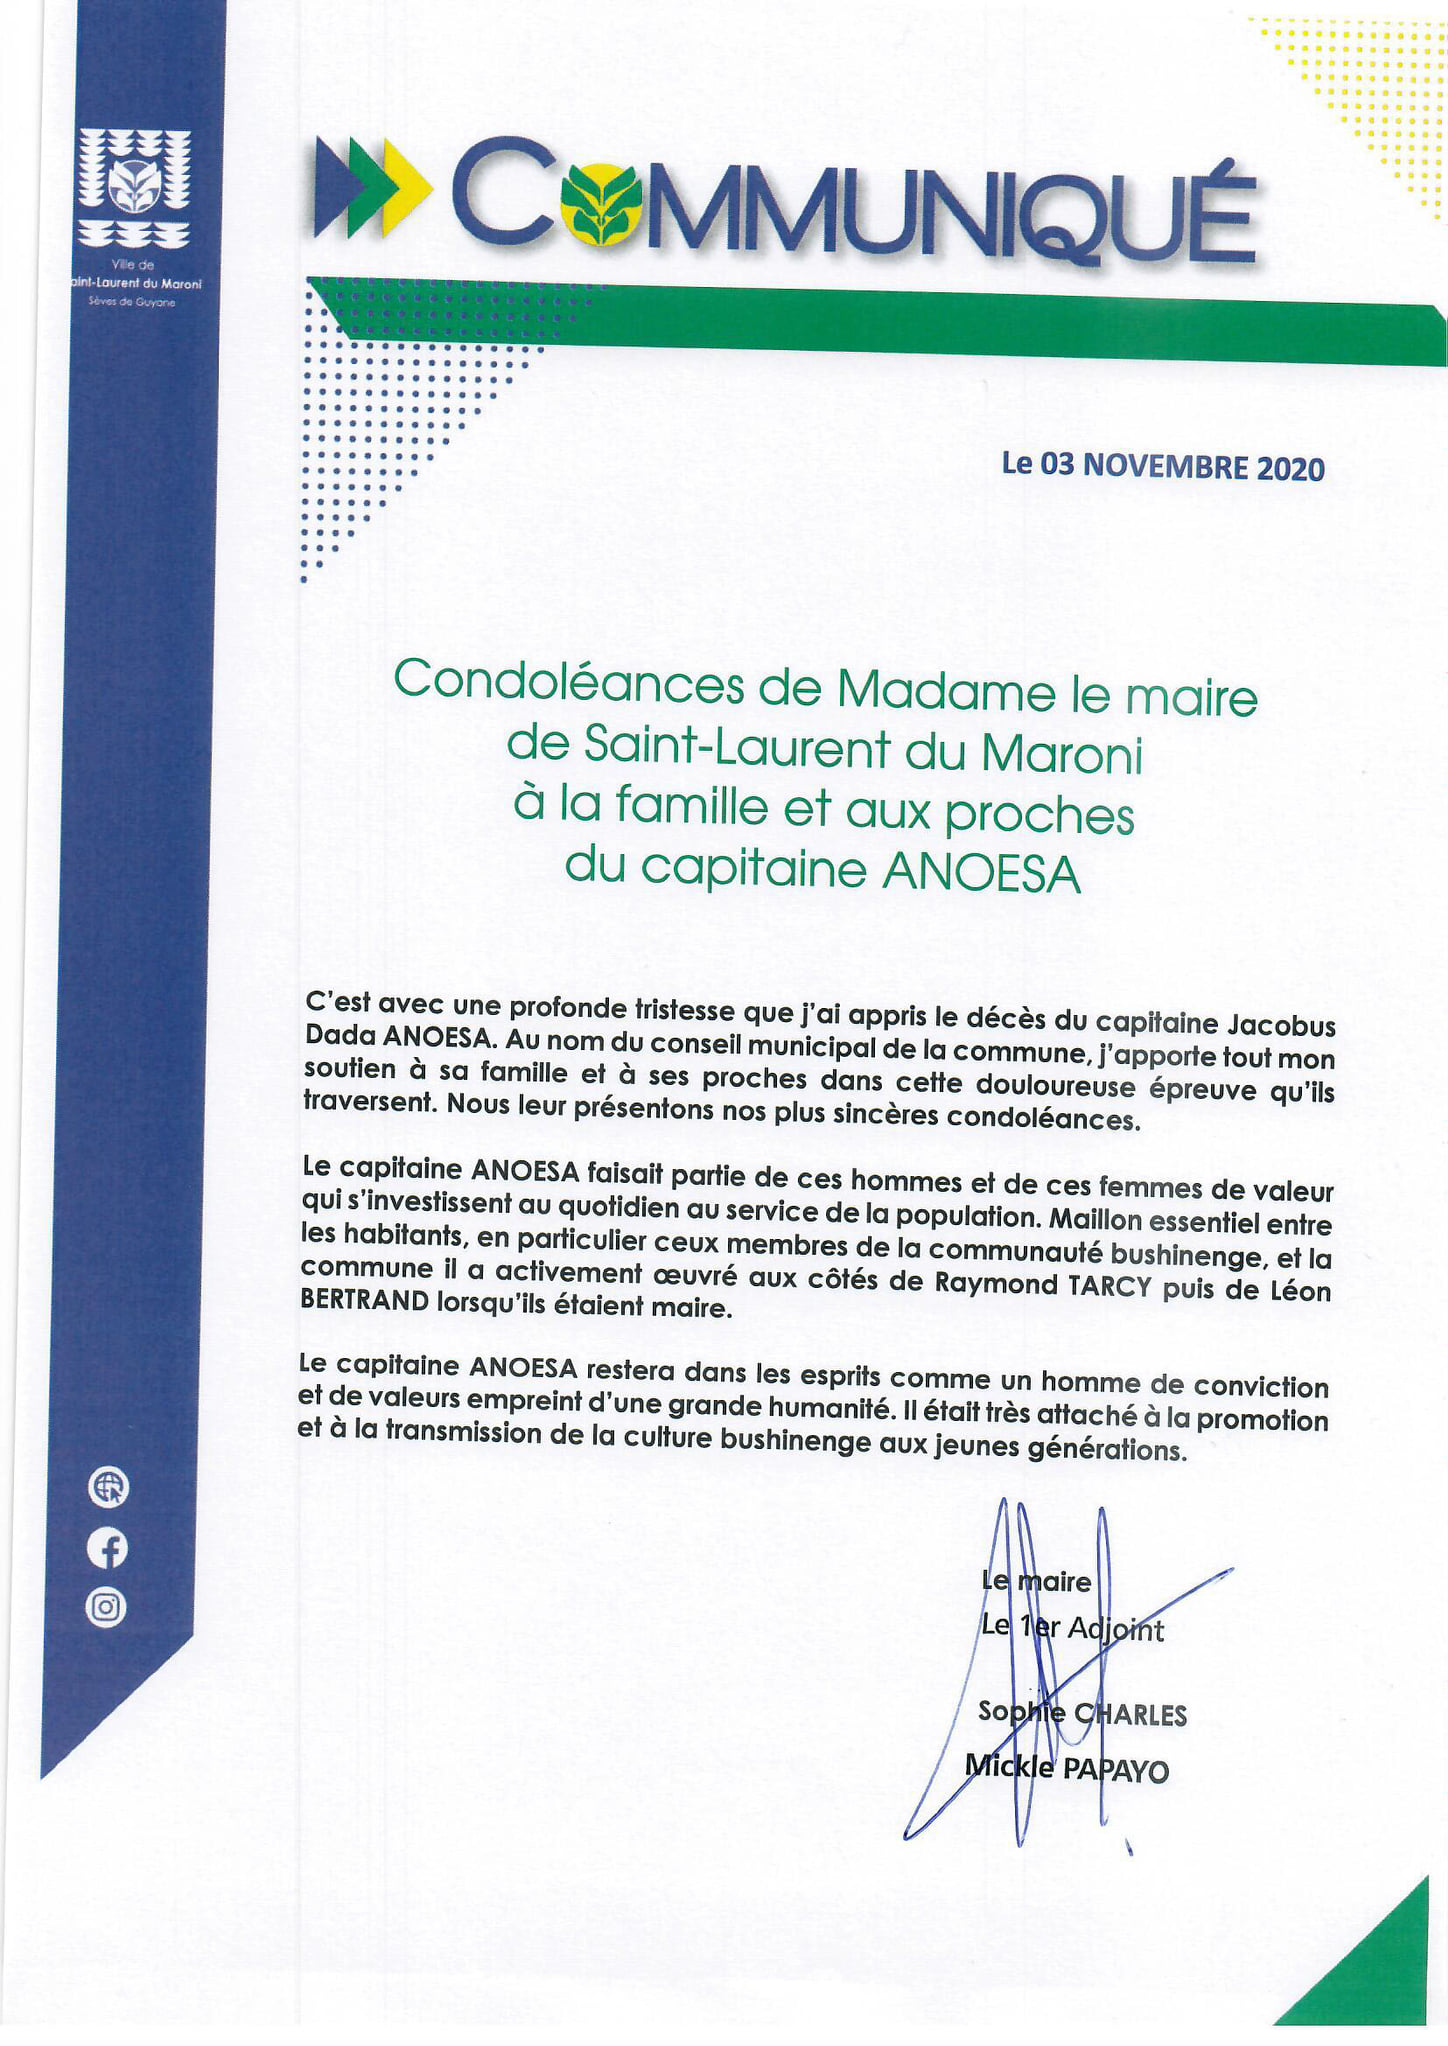 #communiqué : condoléances de Madame le maire de #saintlaurentdumaroni à la famille et aux proches du capitaine ANOESA